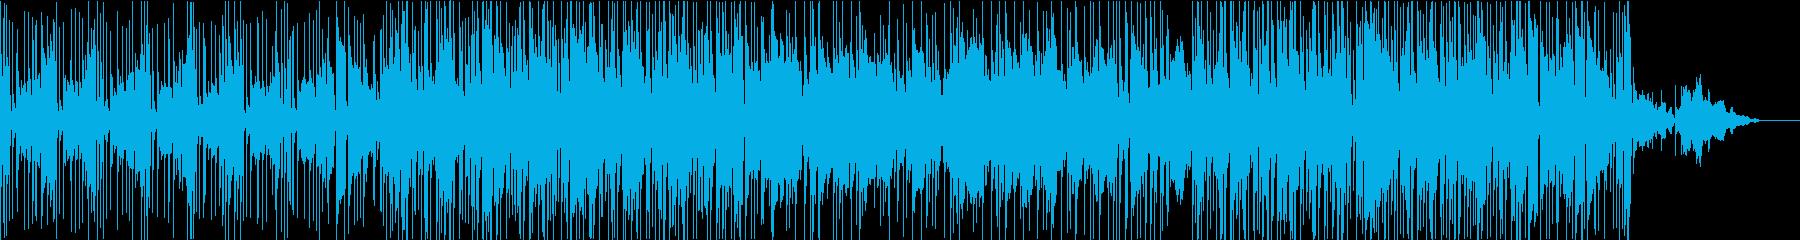 都会的でオシャレなポップスの再生済みの波形